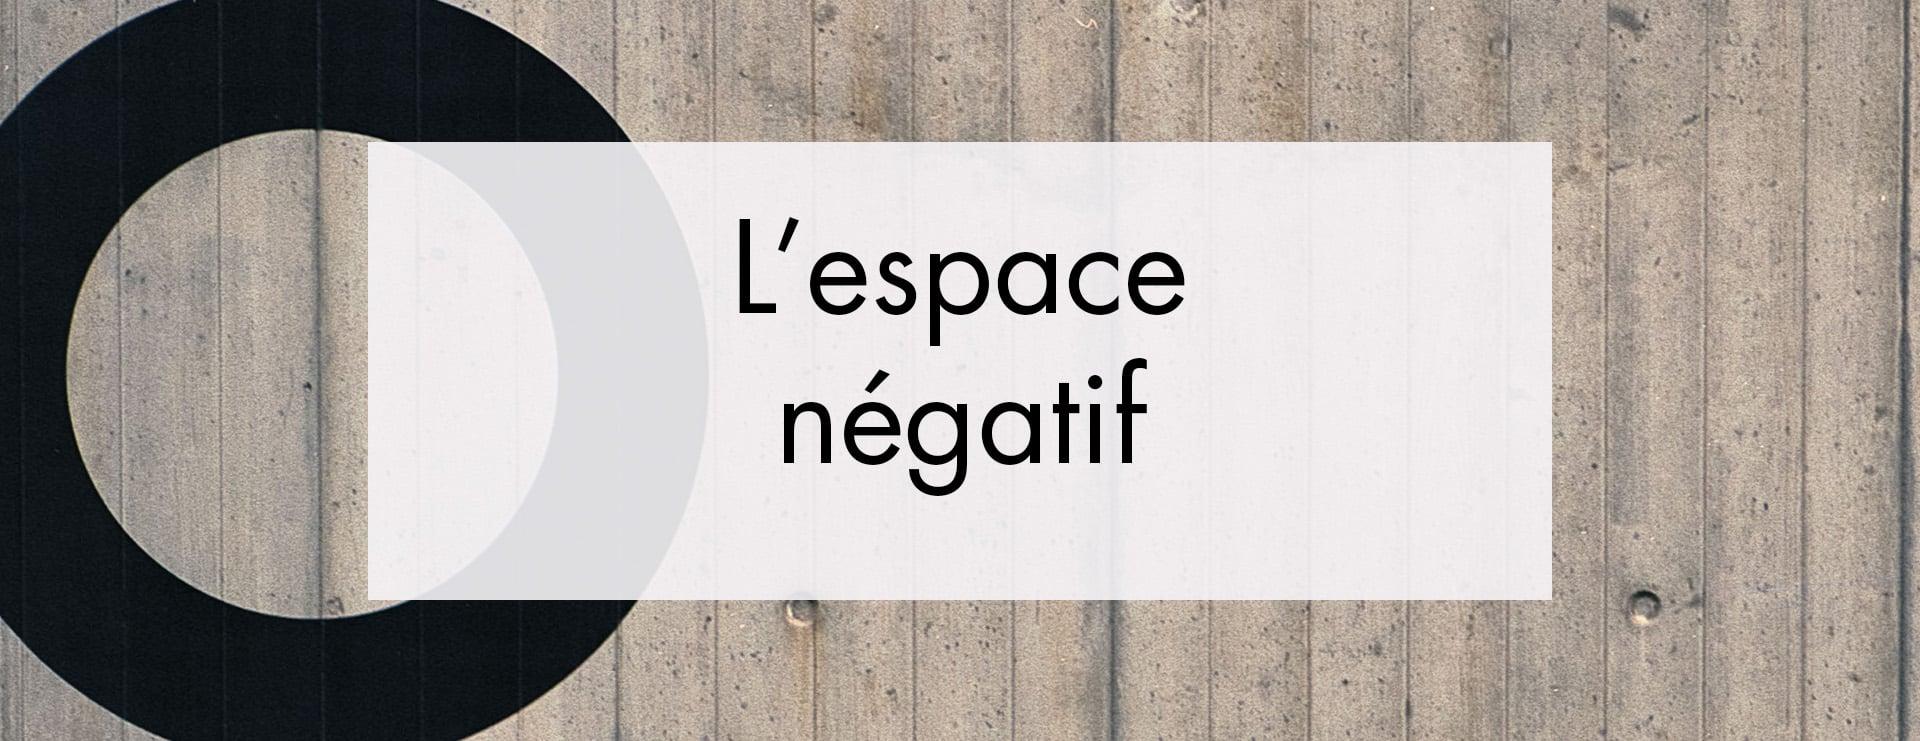 Utiliser l'espace négatif pour composer ses images